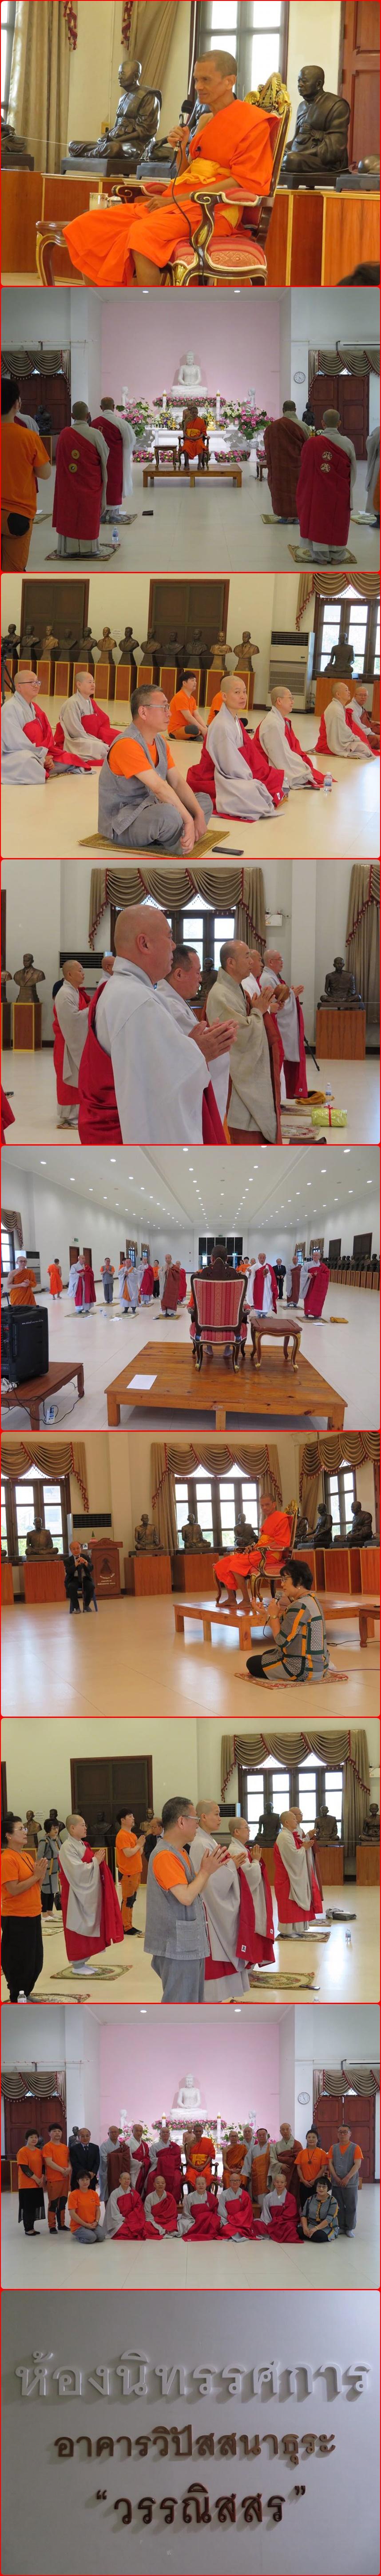 611102 พระราชปริยัติกวี บรรยายพระเกาหลี สถาบันสมทบดองกุกชอนบอบ 1